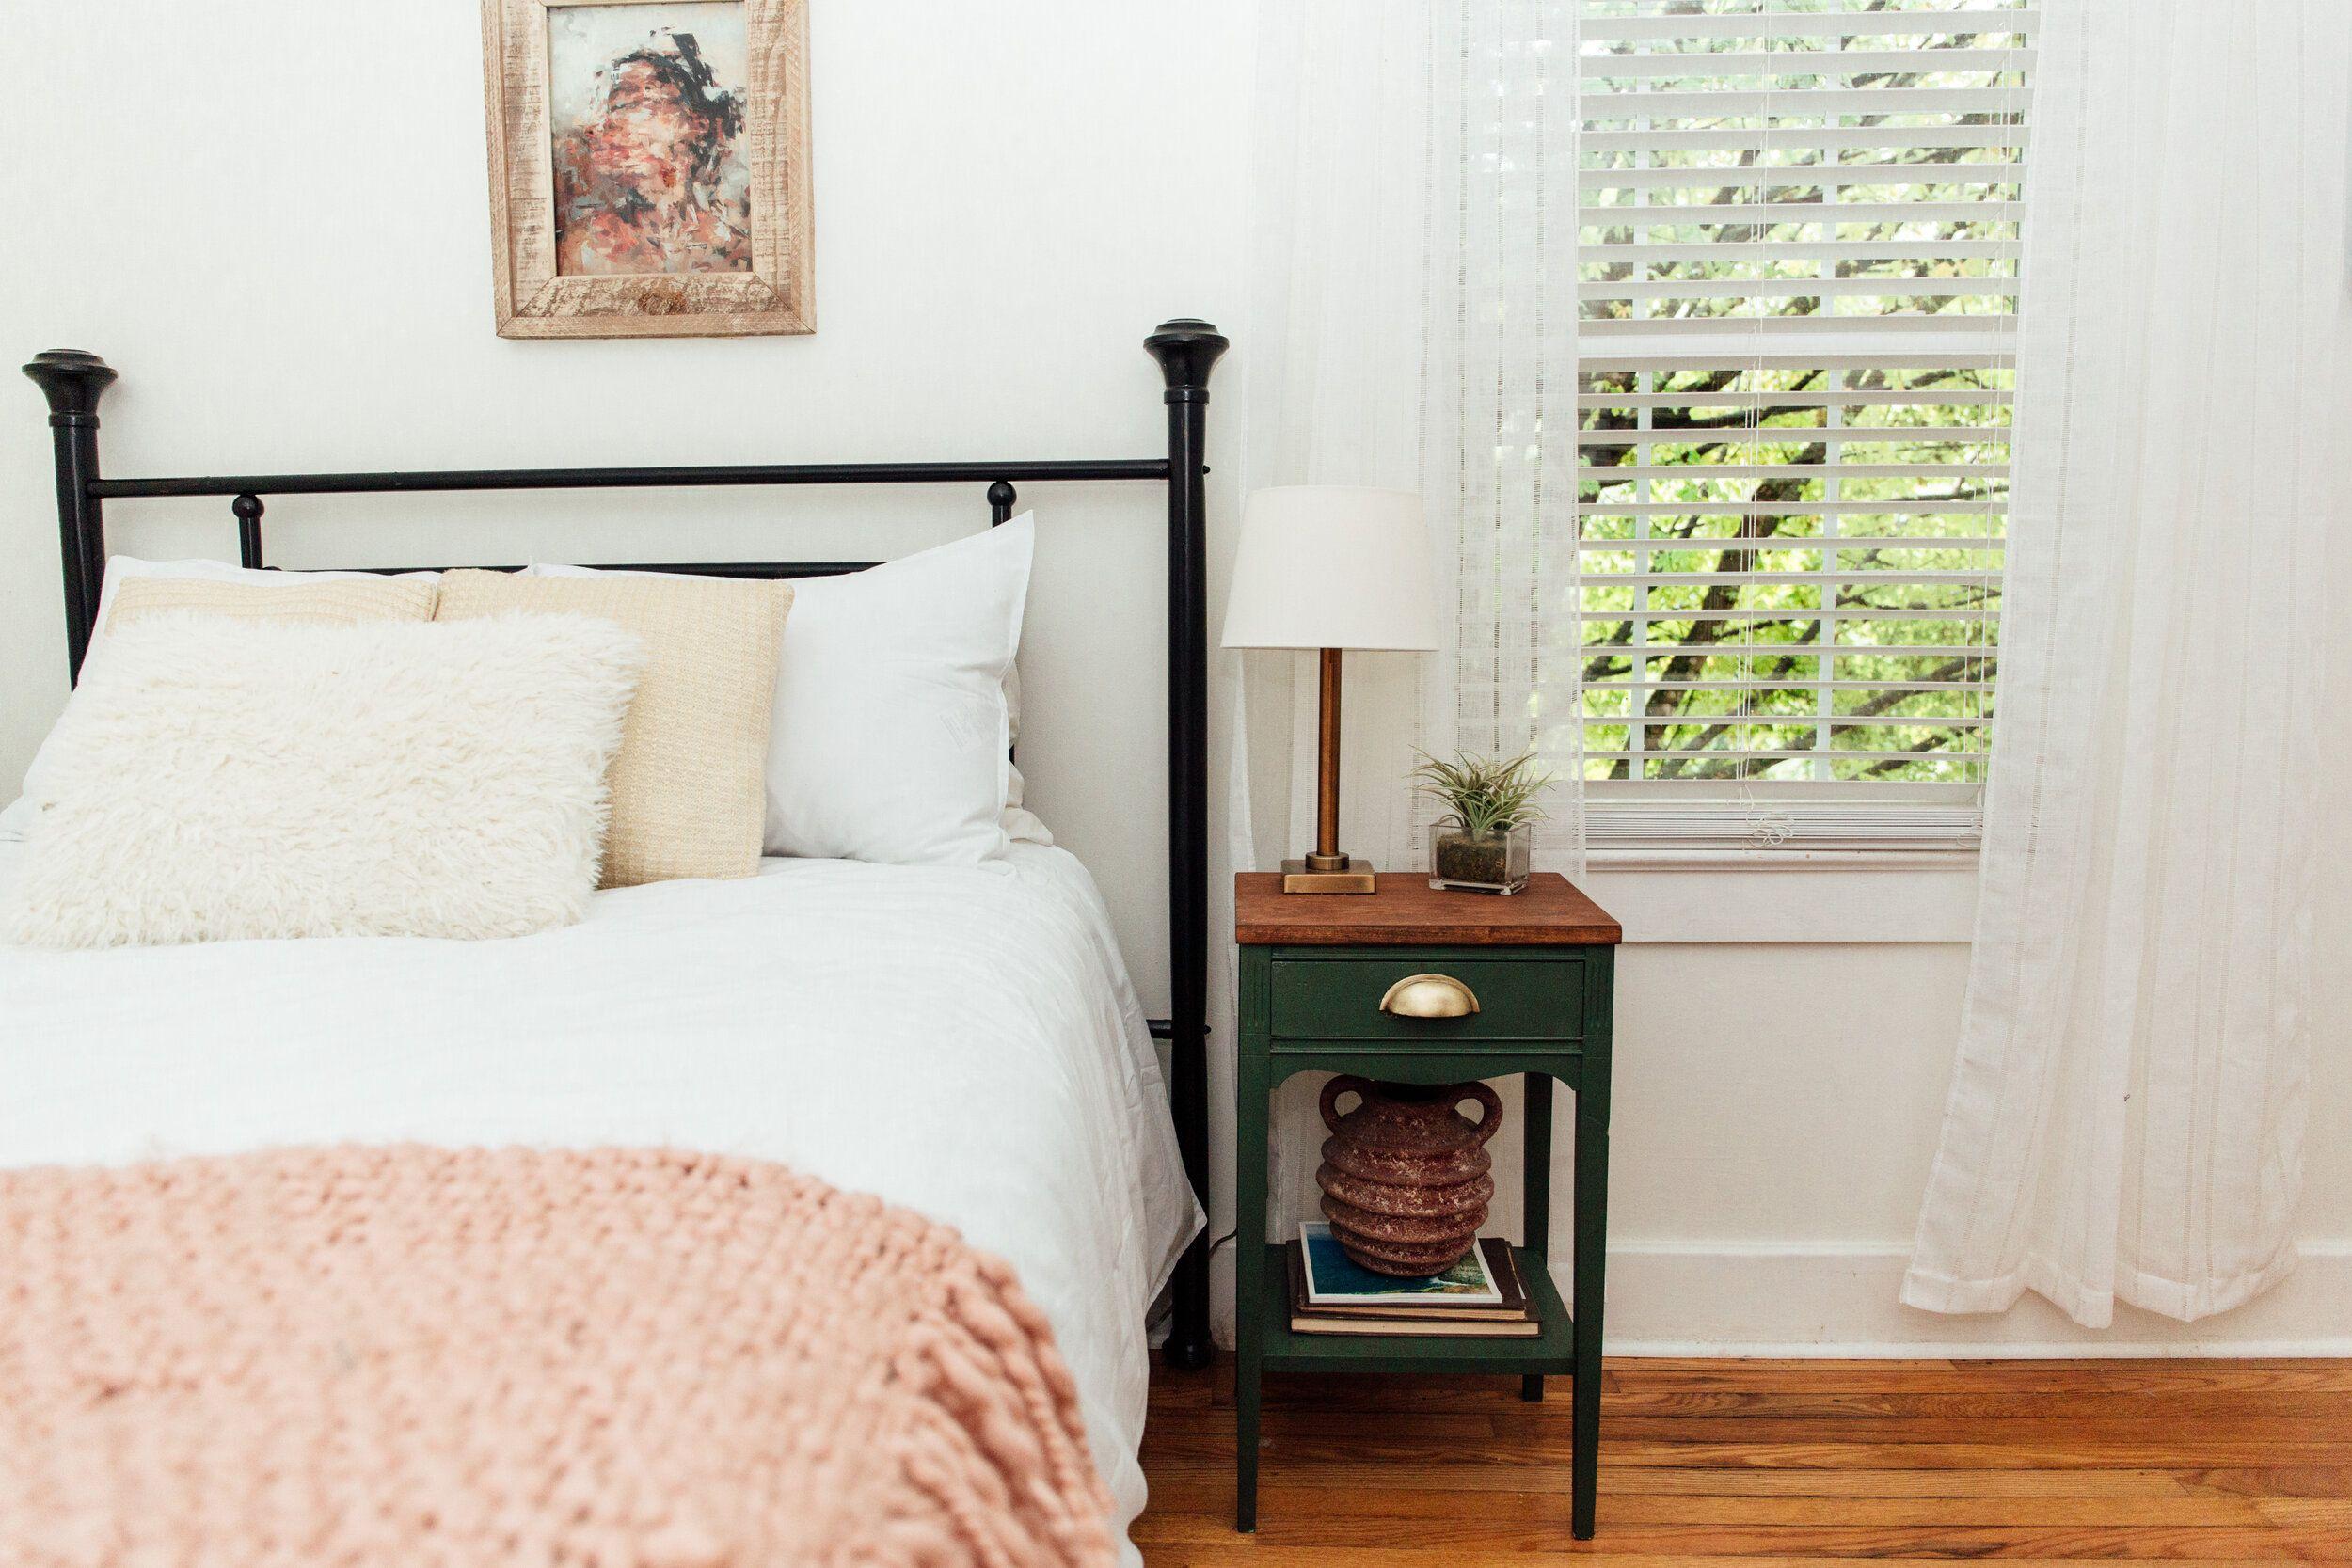 #bedroominspiration #guestroomideas